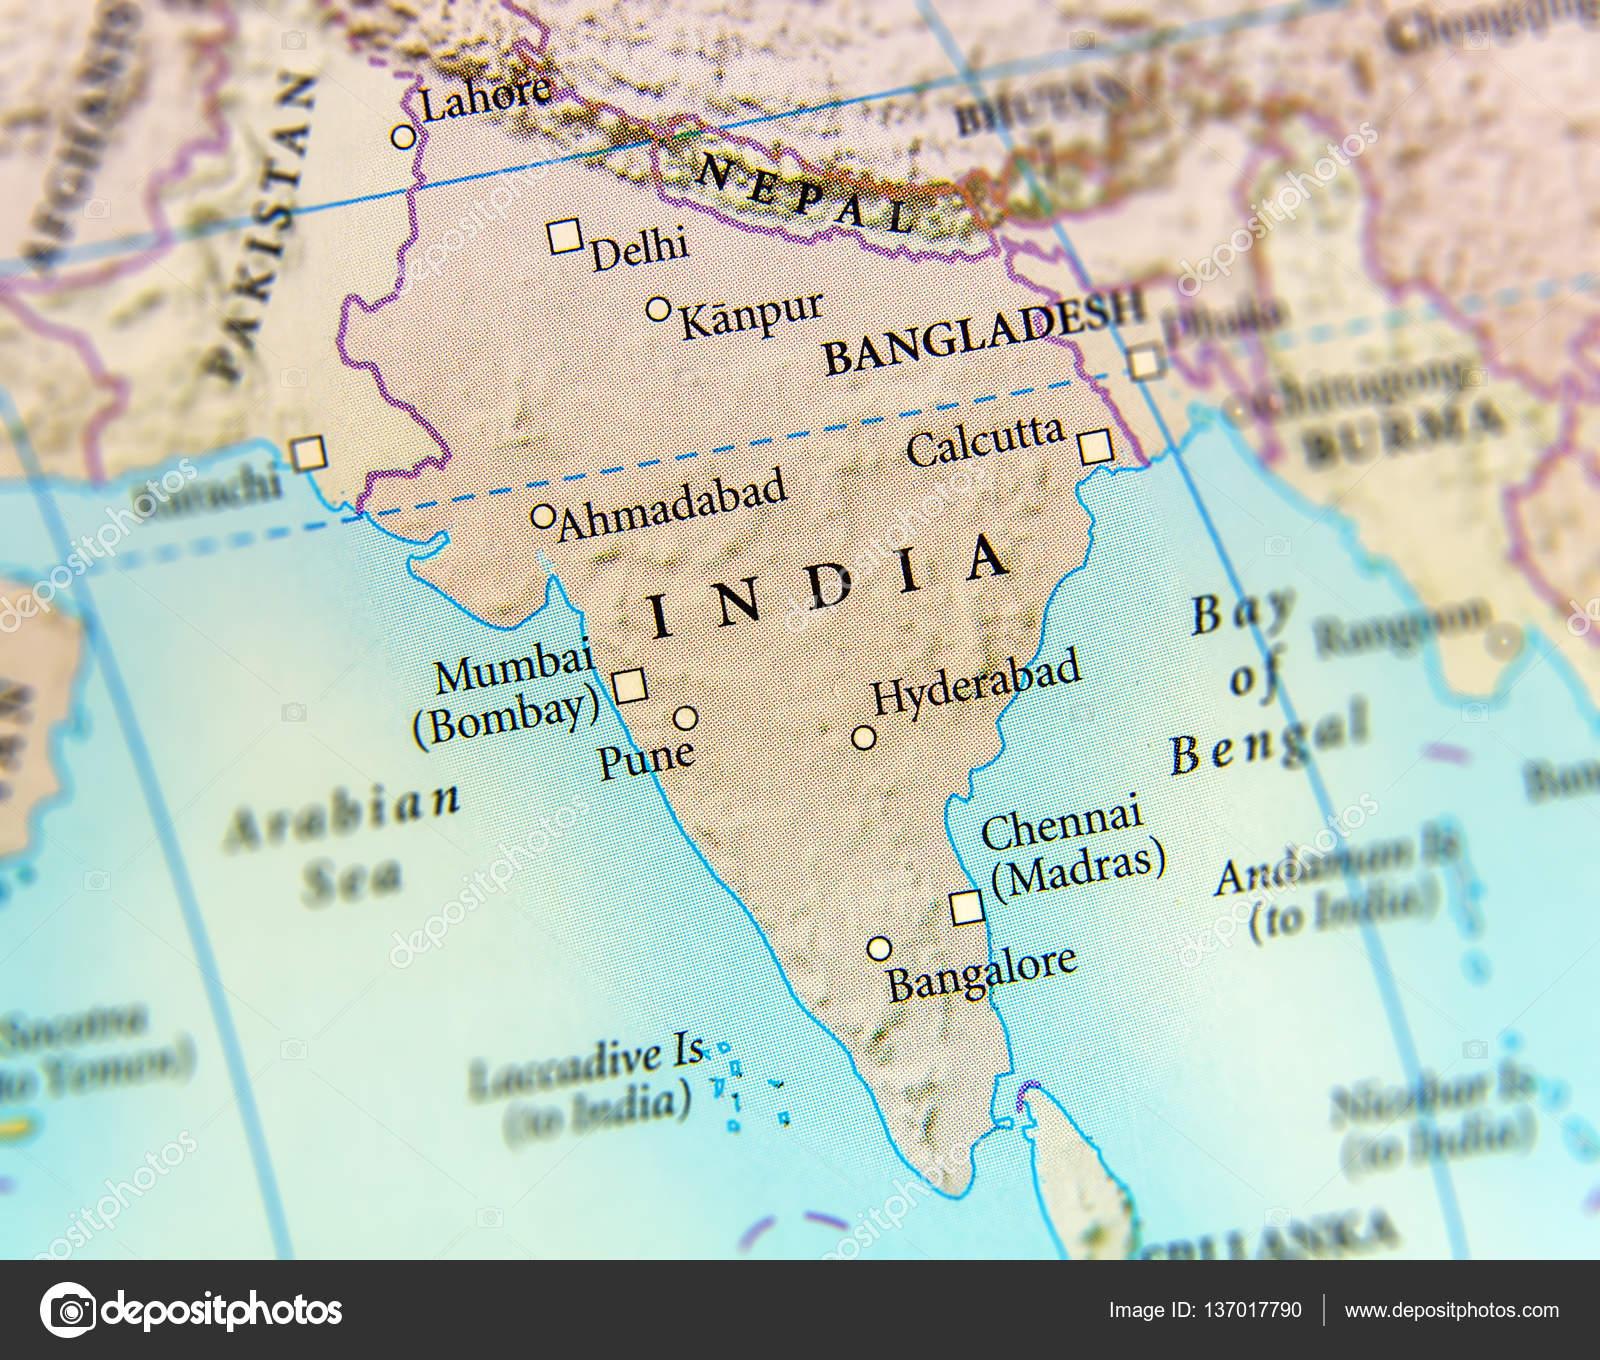 Carte Geographique Indien.Carte Geographique Des Pays De L Inde Avec Des Villes